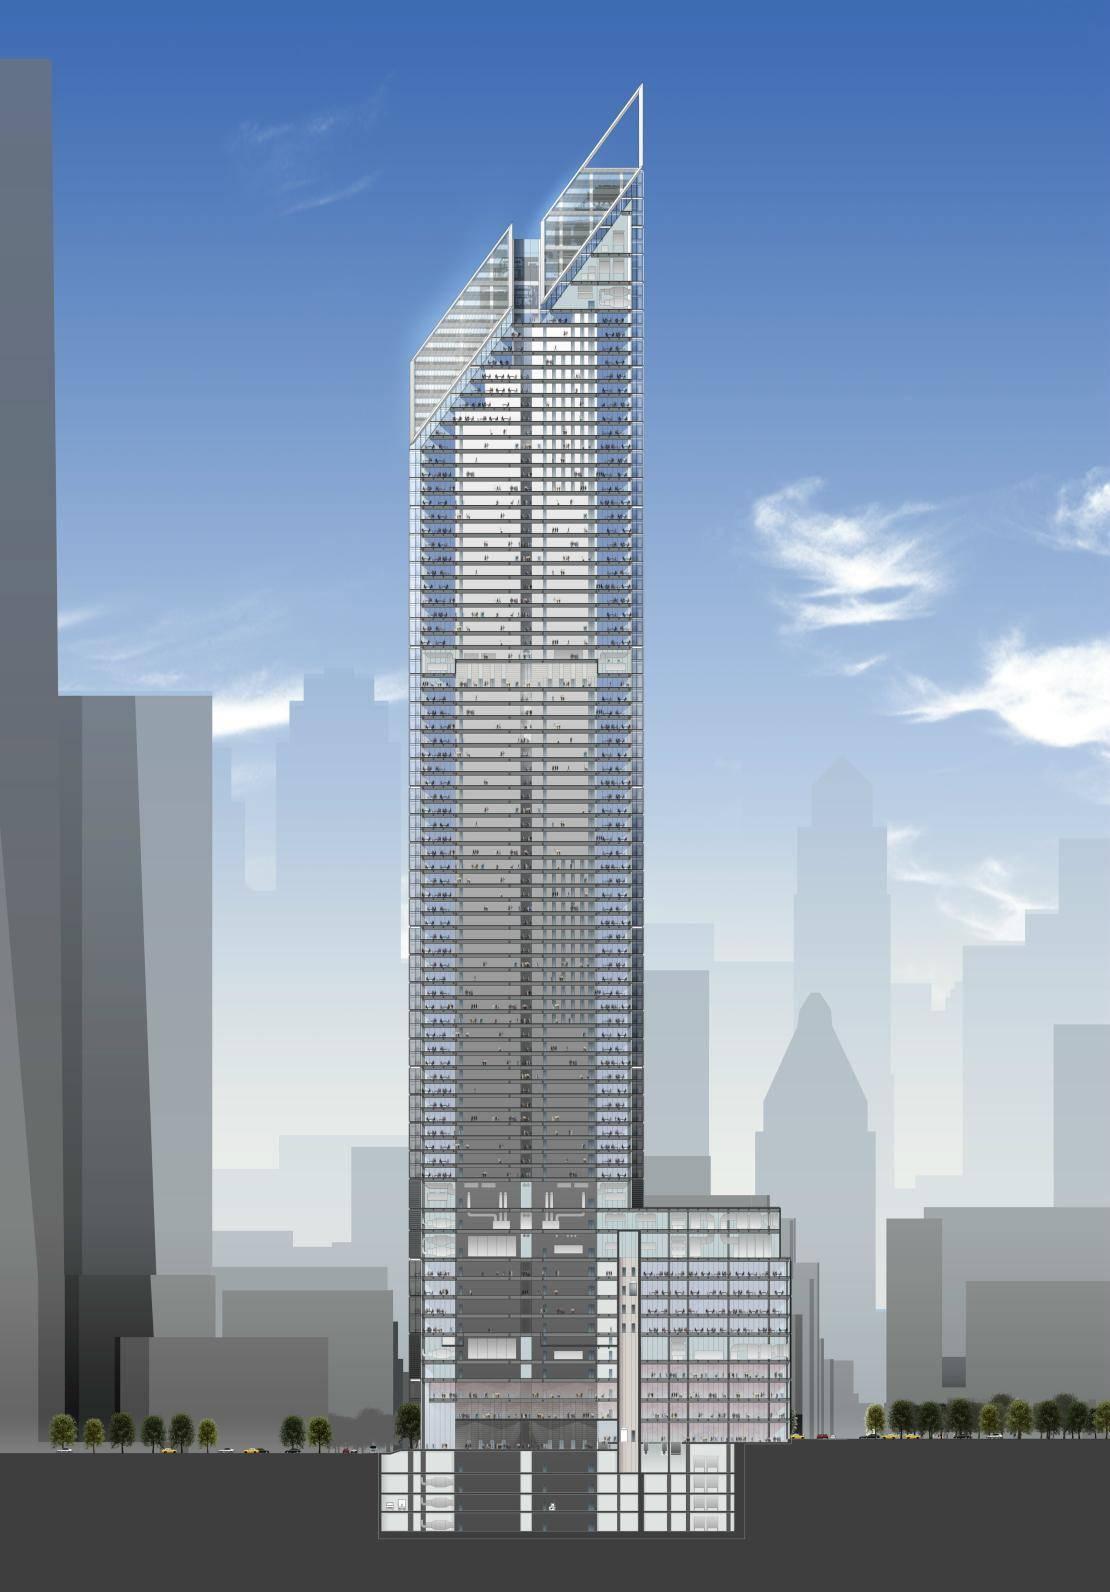 plan 2 world trade center tour La tour 2 World Trade Center à New York : la troisième plus haute tour dAmérique par Norman Foster